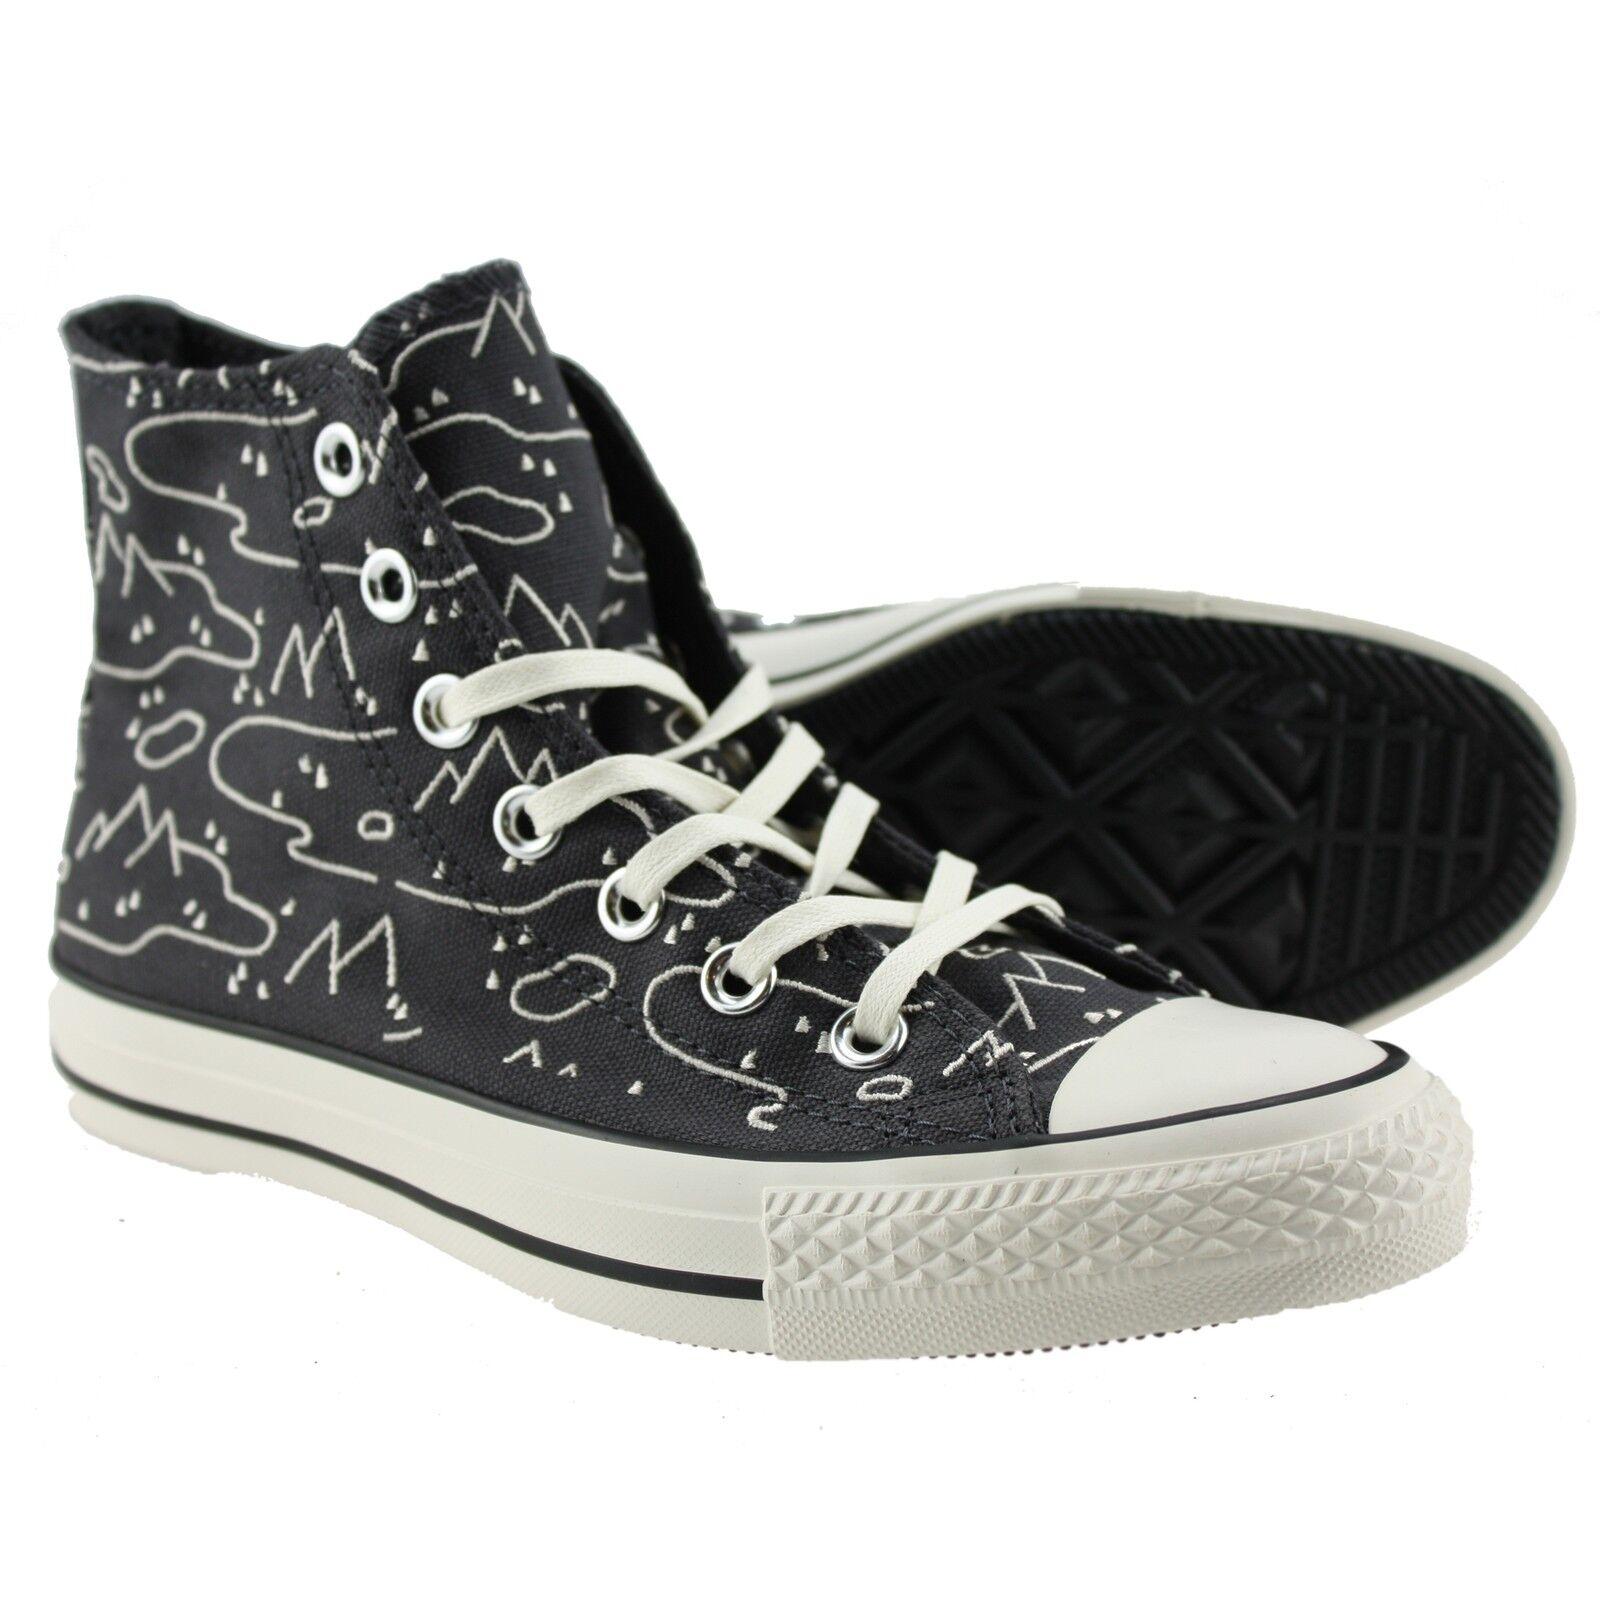 Converse ctas Hi 151252c 151252c 151252c Storm viento Parchment Egret Chuck All Star Hi zapatos  Venta barata